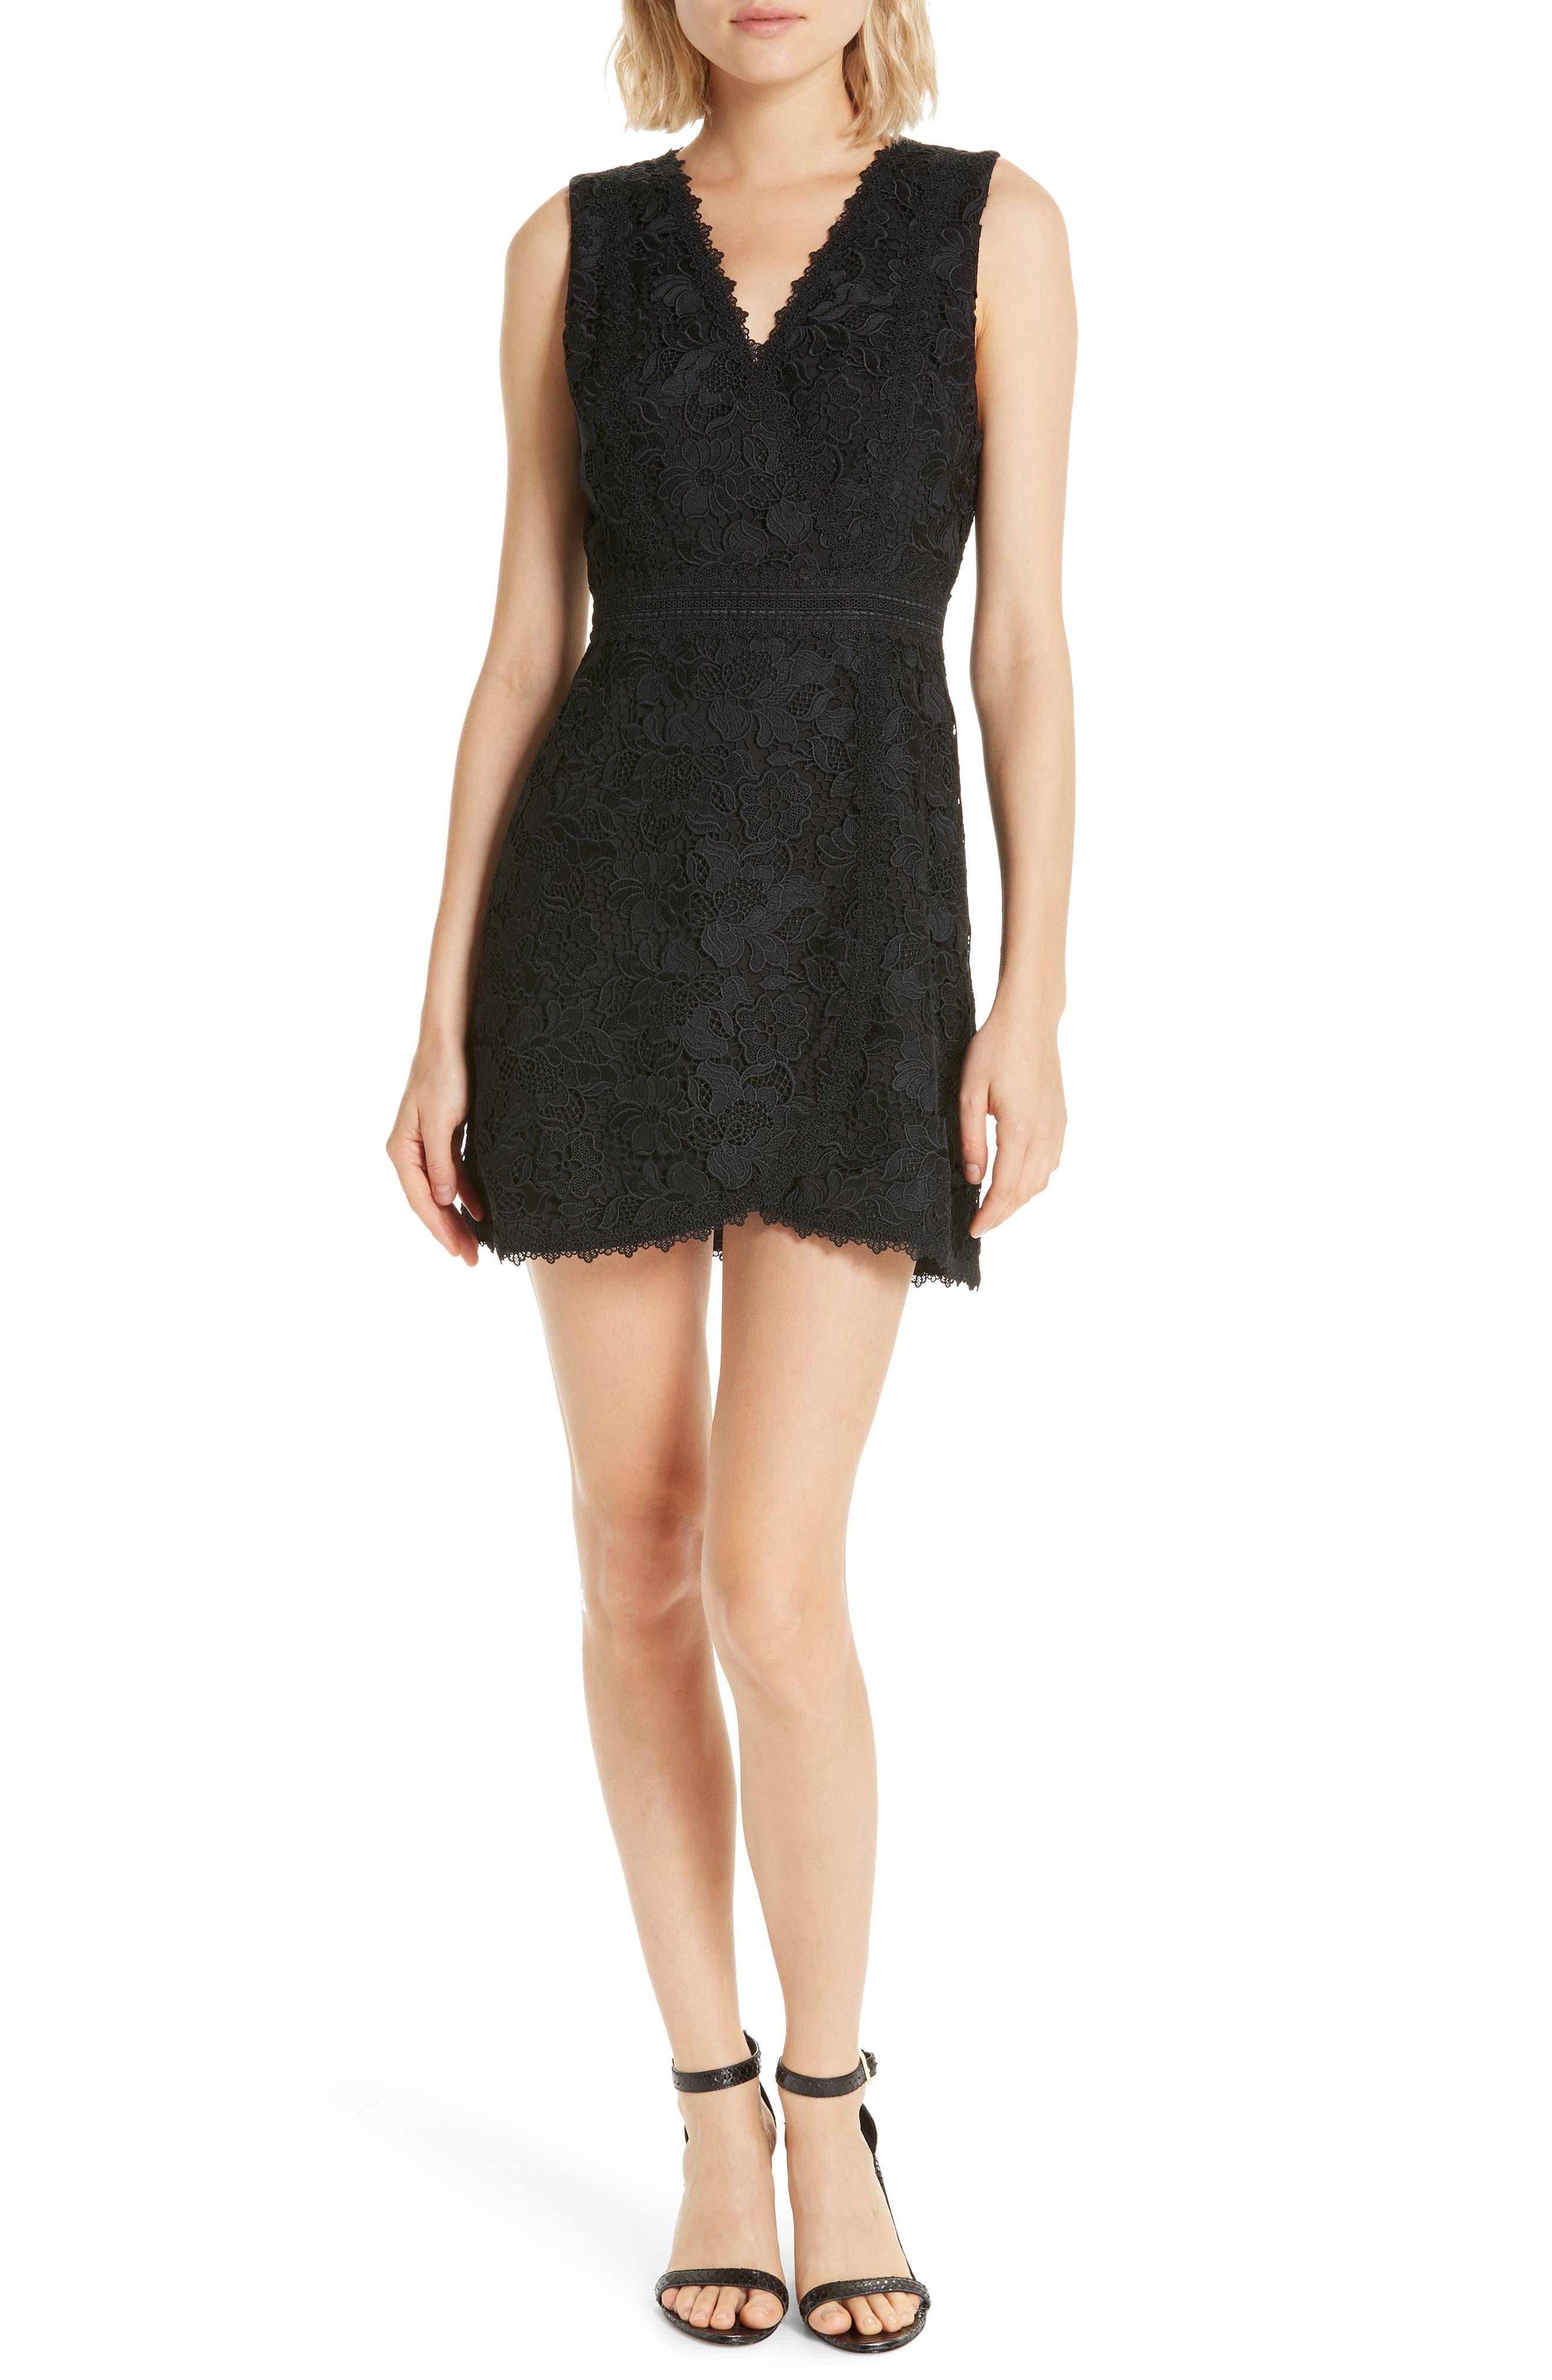 ALICE + OLIVIA Lennon Lace Mini Dress, Main, color, 001